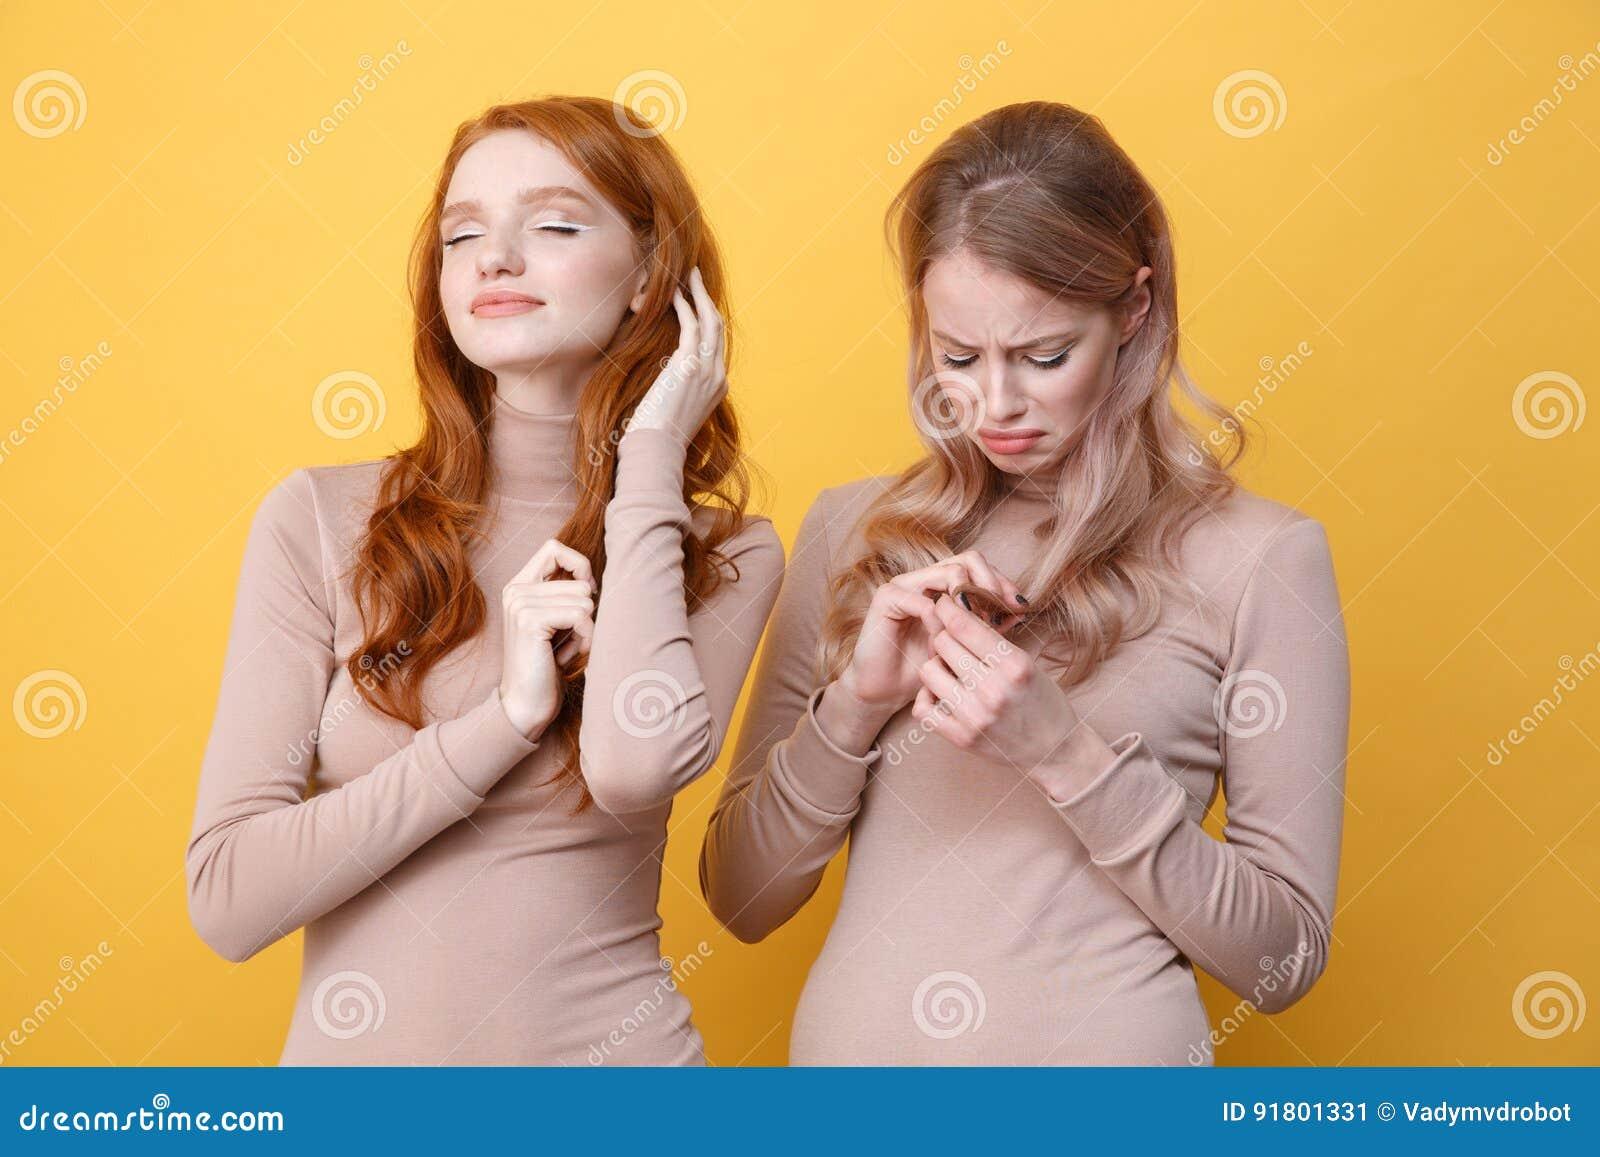 Women touching hair